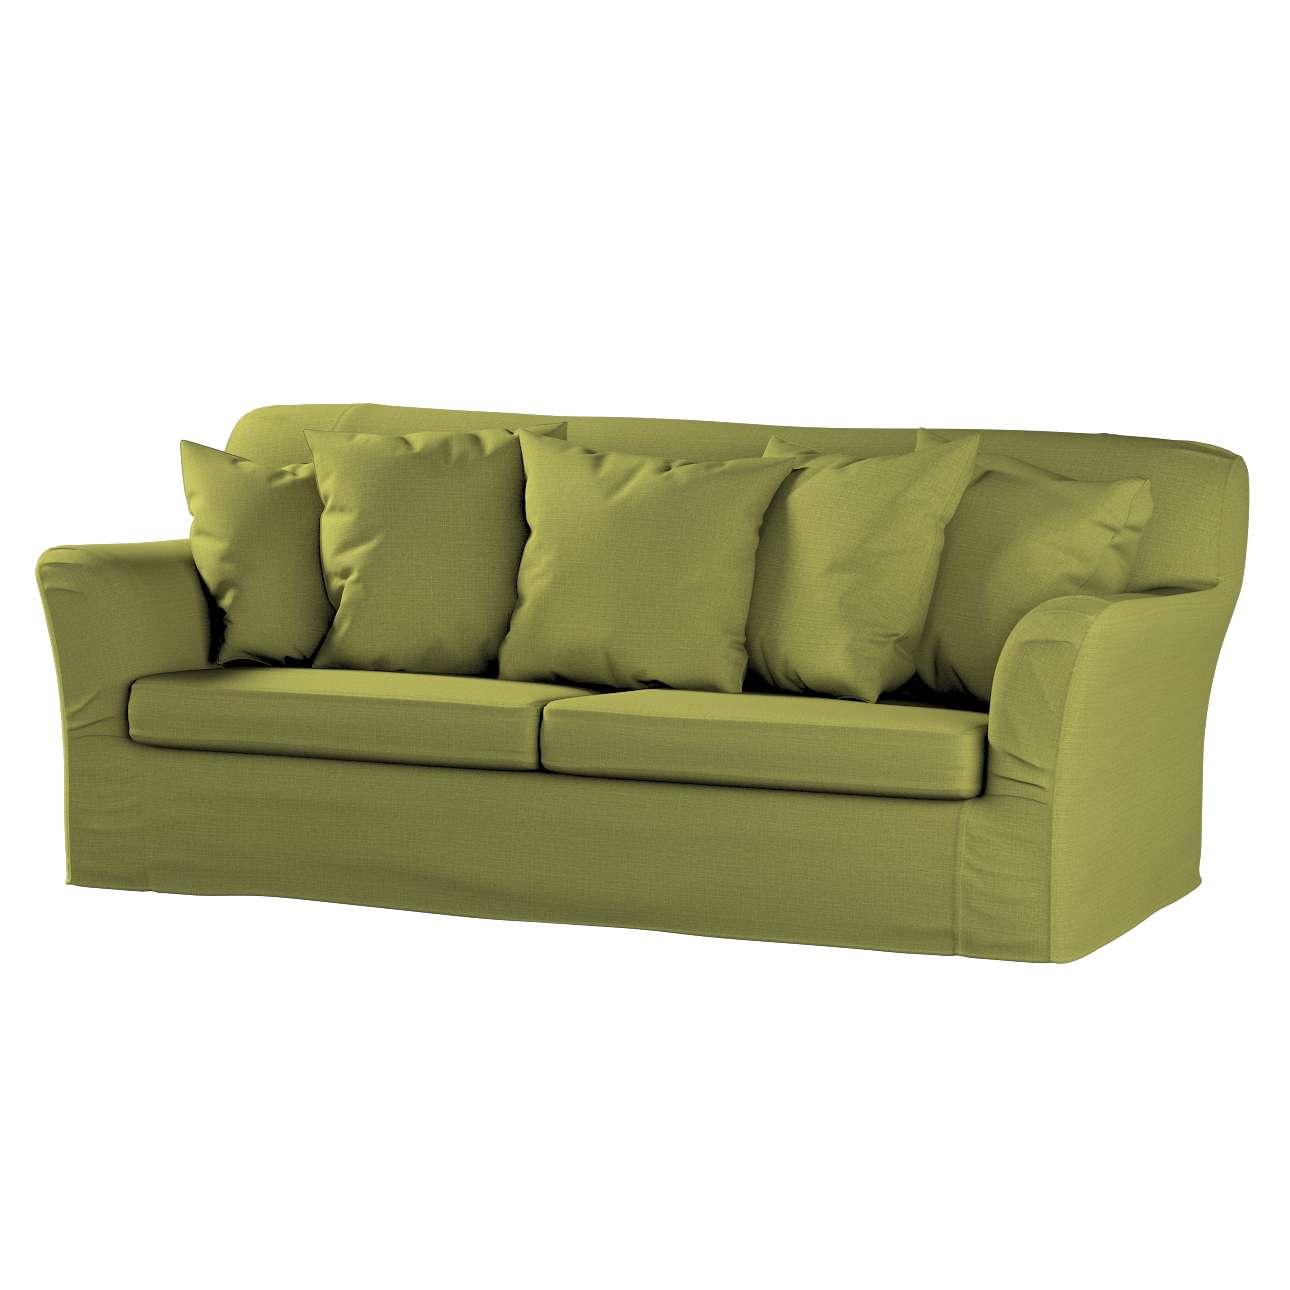 Pokrowiec na sofę Tomelilla 3-osobową rozkładaną w kolekcji Living II, tkanina: 161-13